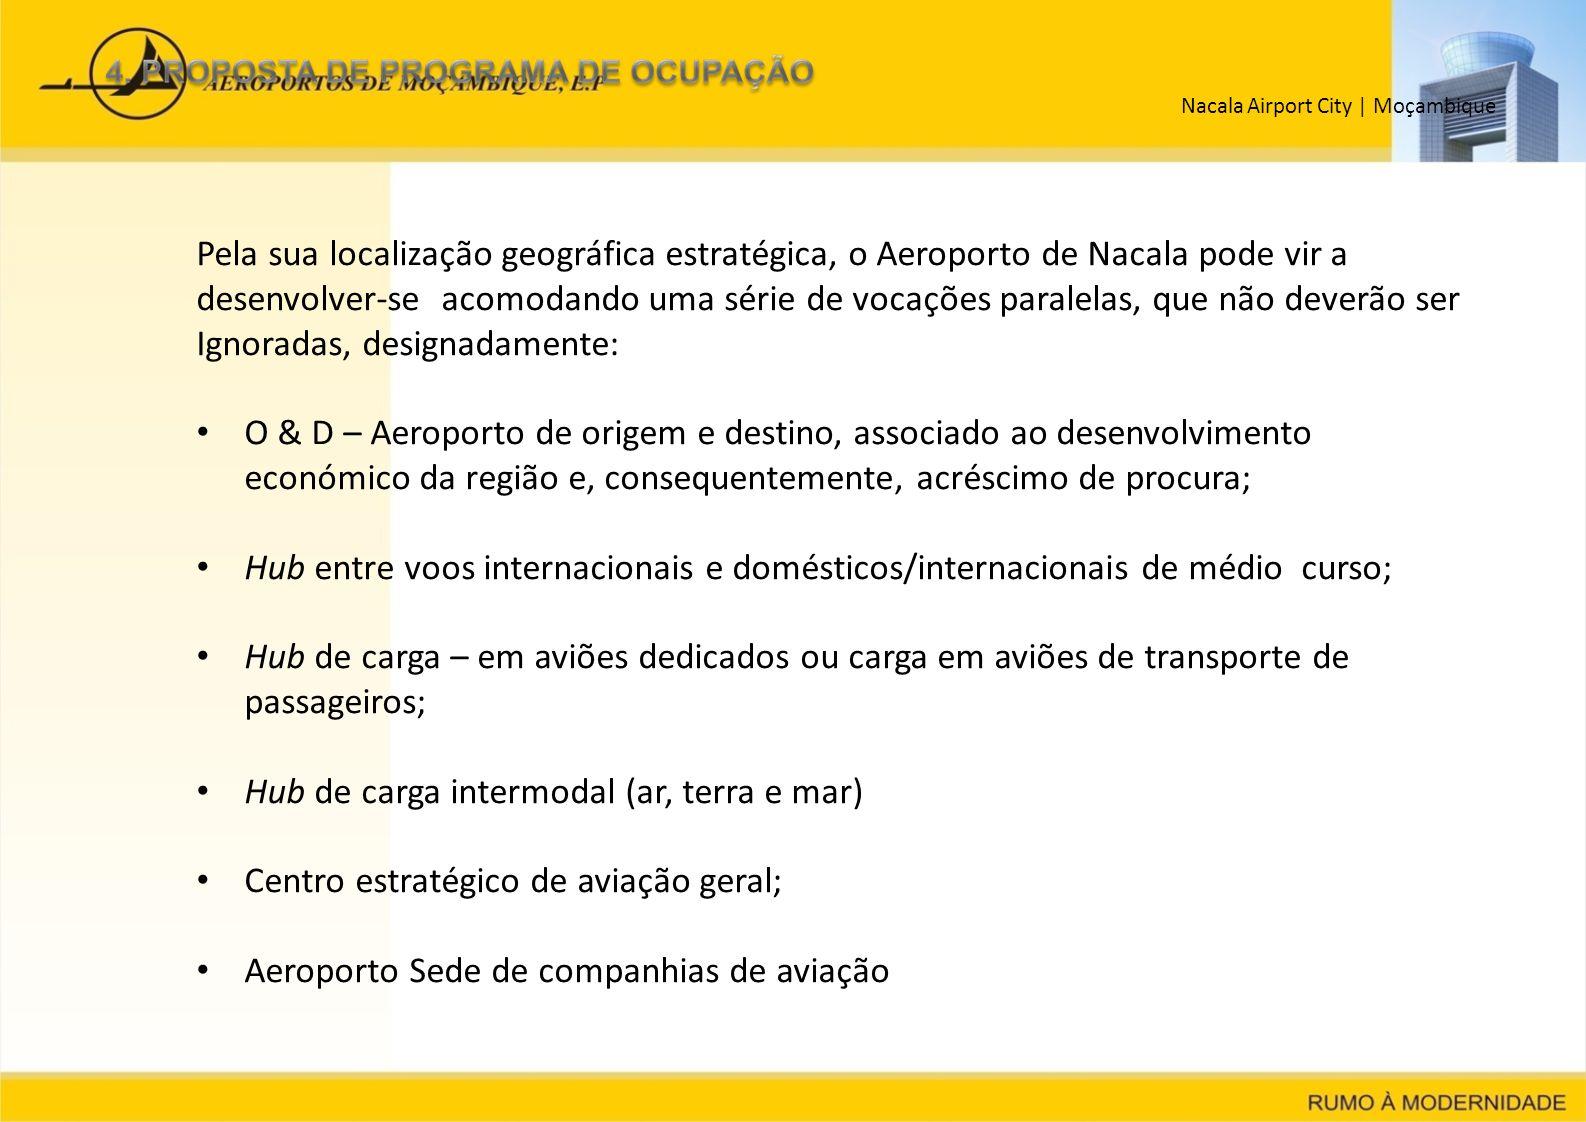 Nacala Airport City   Moçambique Pela sua localização geográfica estratégica, o Aeroporto de Nacala pode vir a desenvolver-se acomodando uma série de